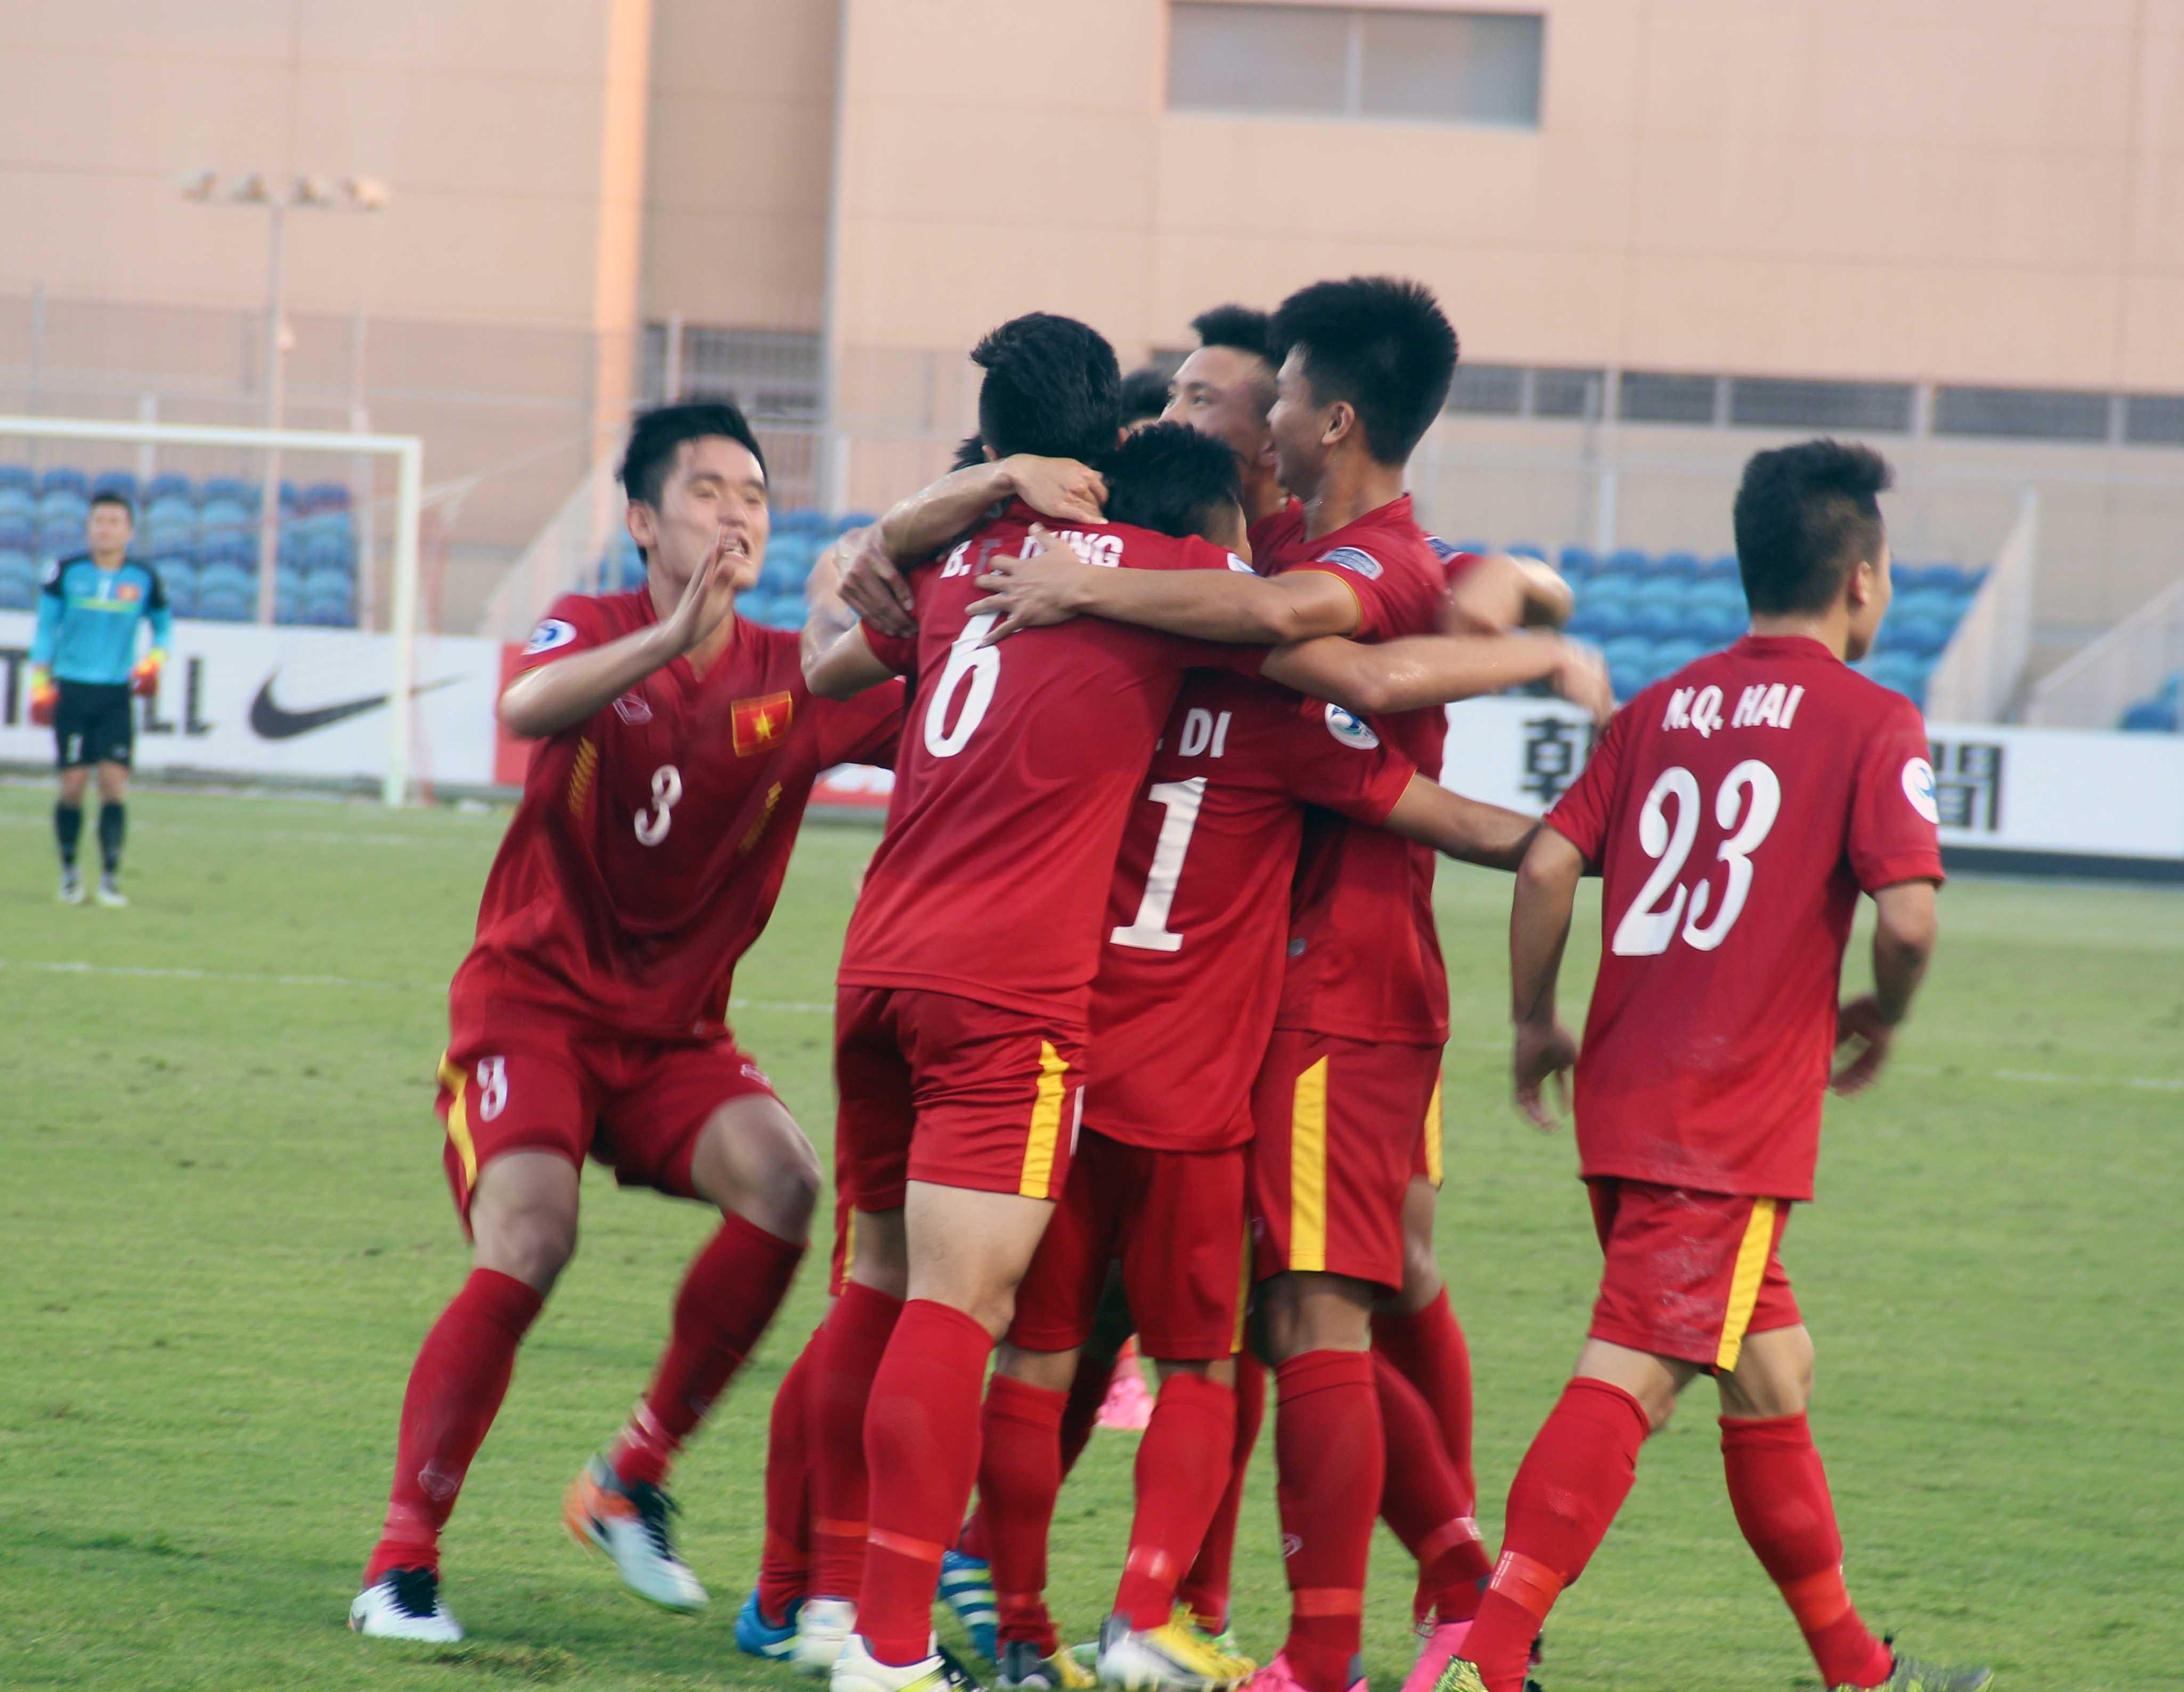 U19 Việt Nam vs U19 Iraq 23h00 ngày 20/10: Rất gần và rất xa - Ảnh 1